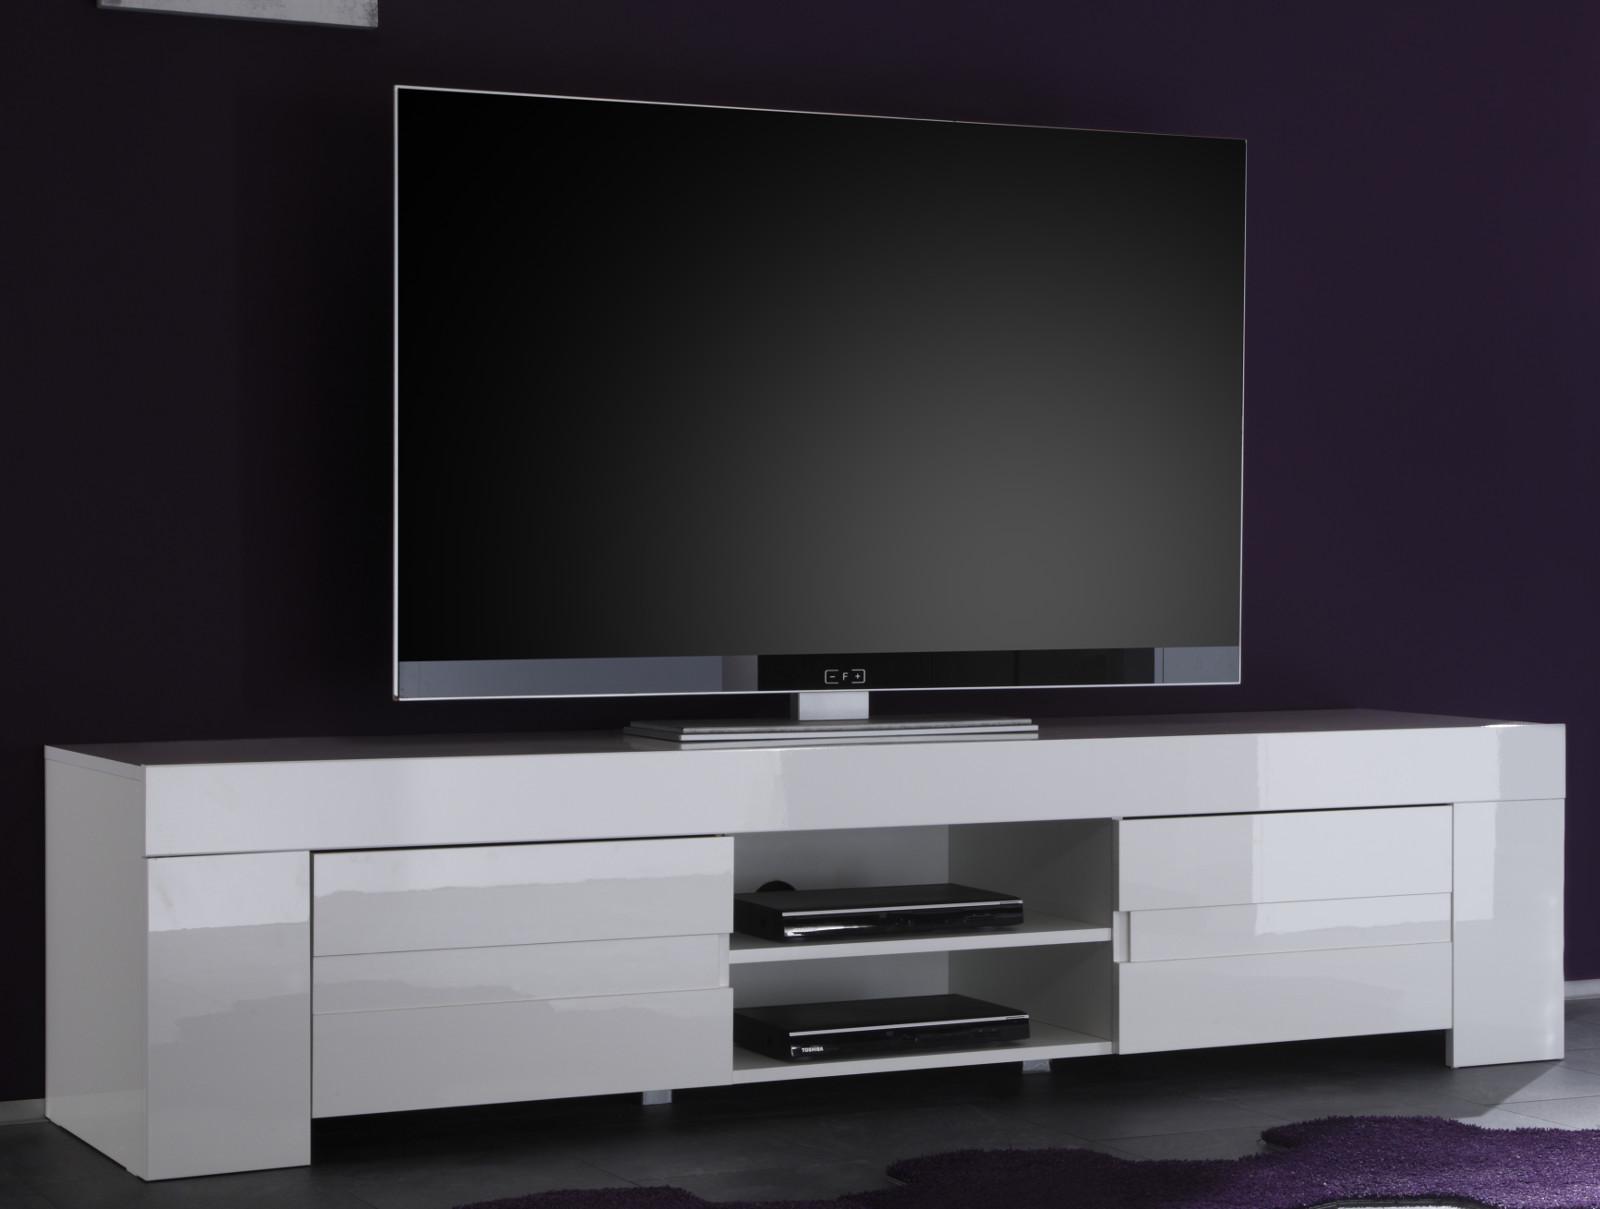 Tv Unterteil In Weiss Hochglanz Lack Italien Vienda